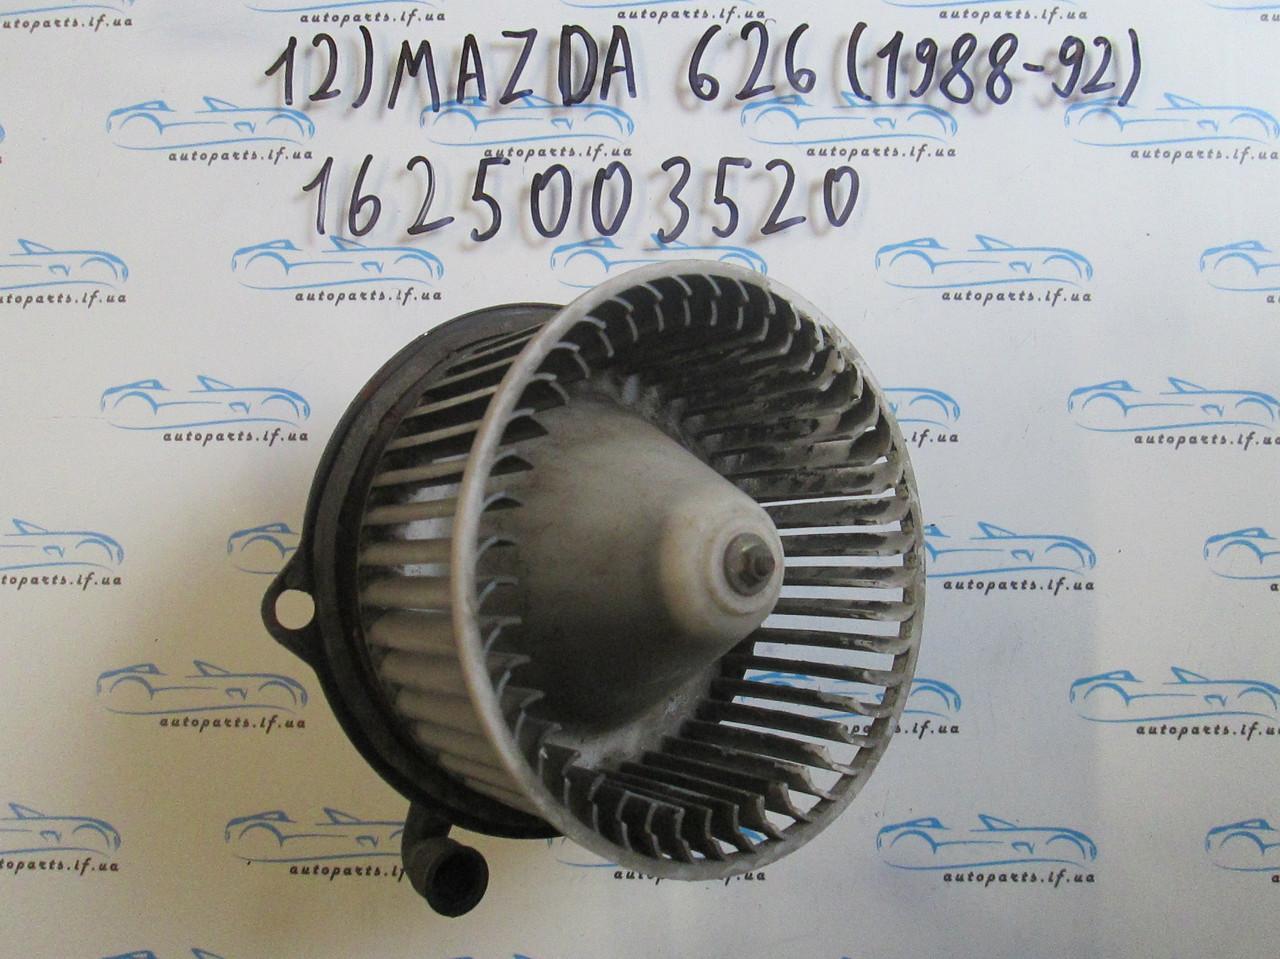 Вентилятор печки Mazda 626 №12 1625003520